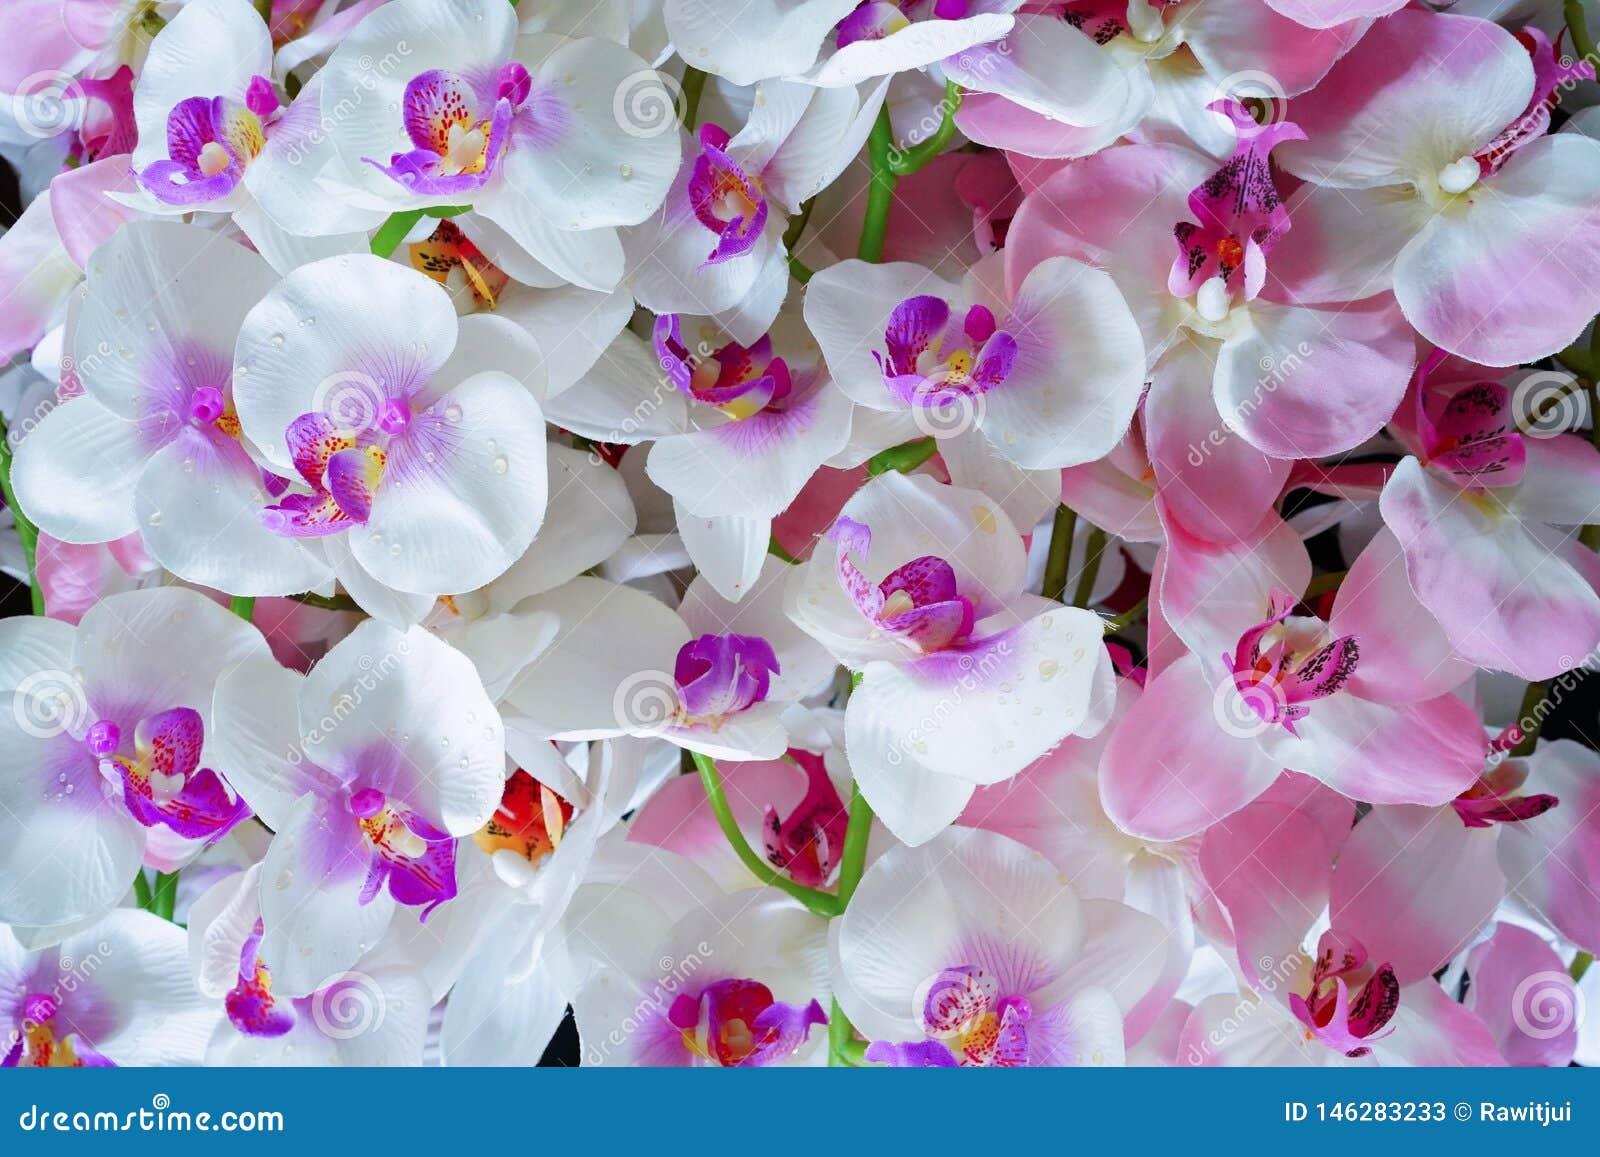 Künstliche weiße und rosa Orchideenblumen